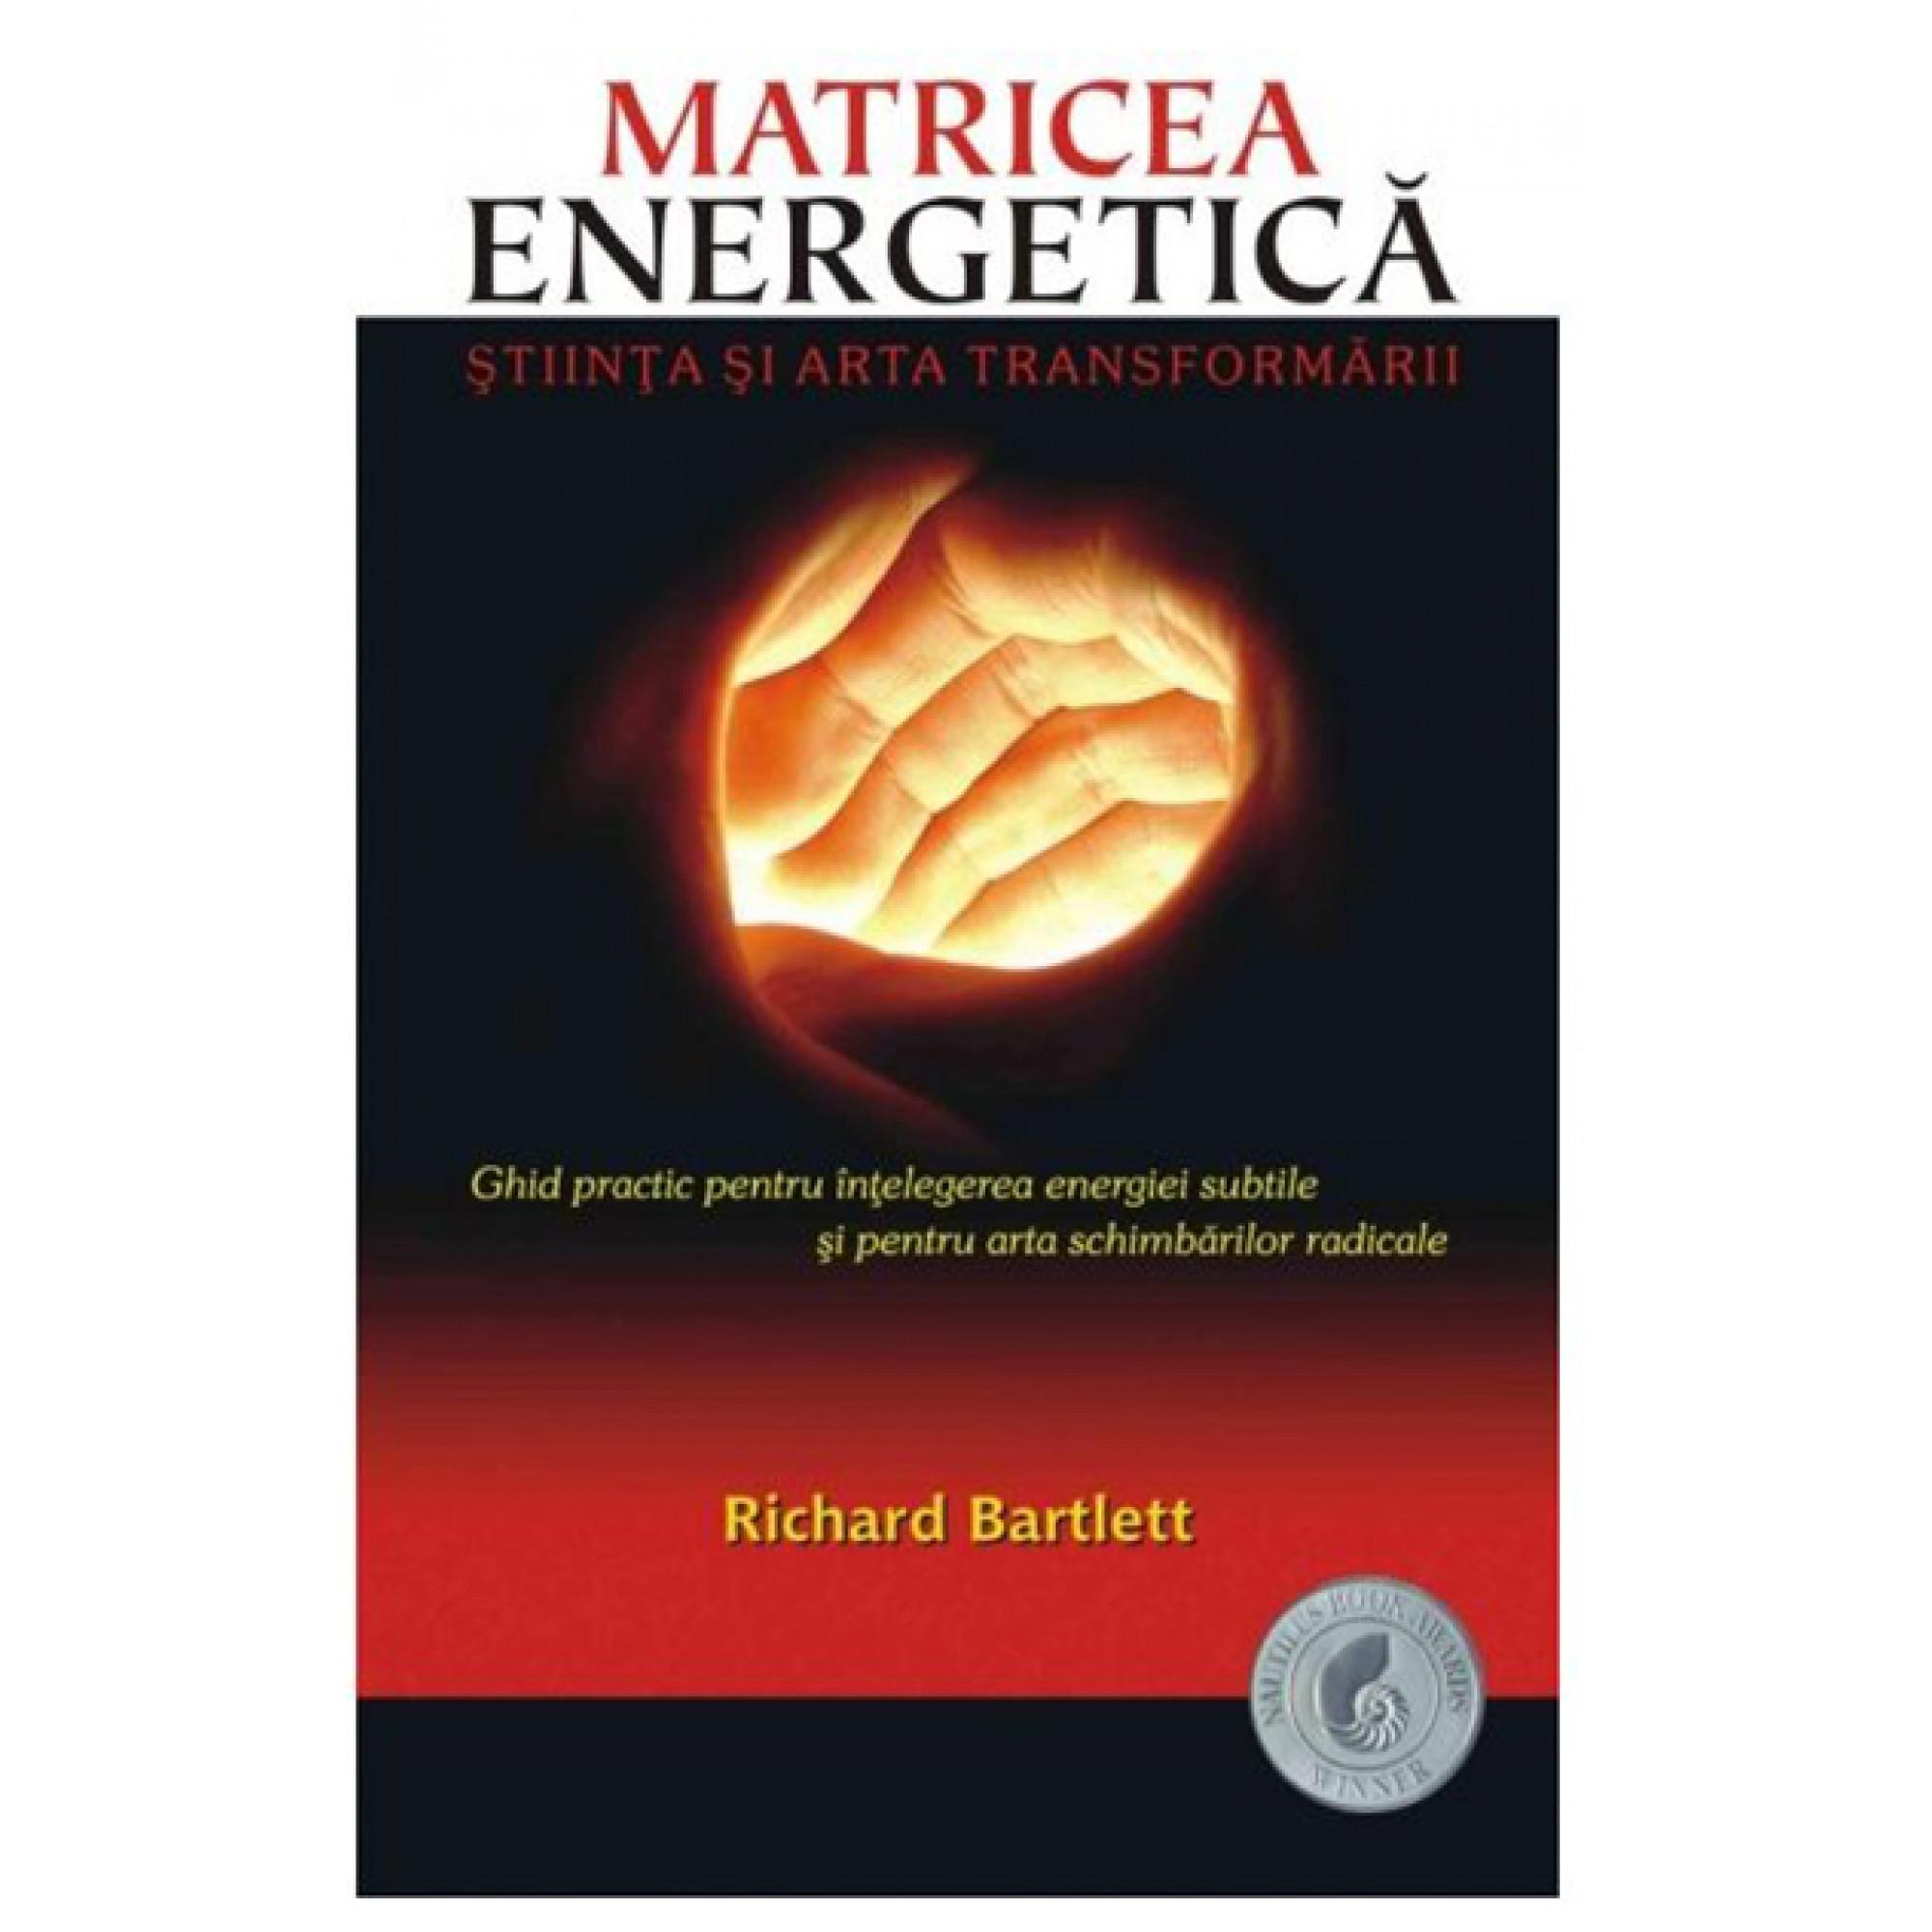 Matricea Energetică. Ştiinţa şi arta transformării